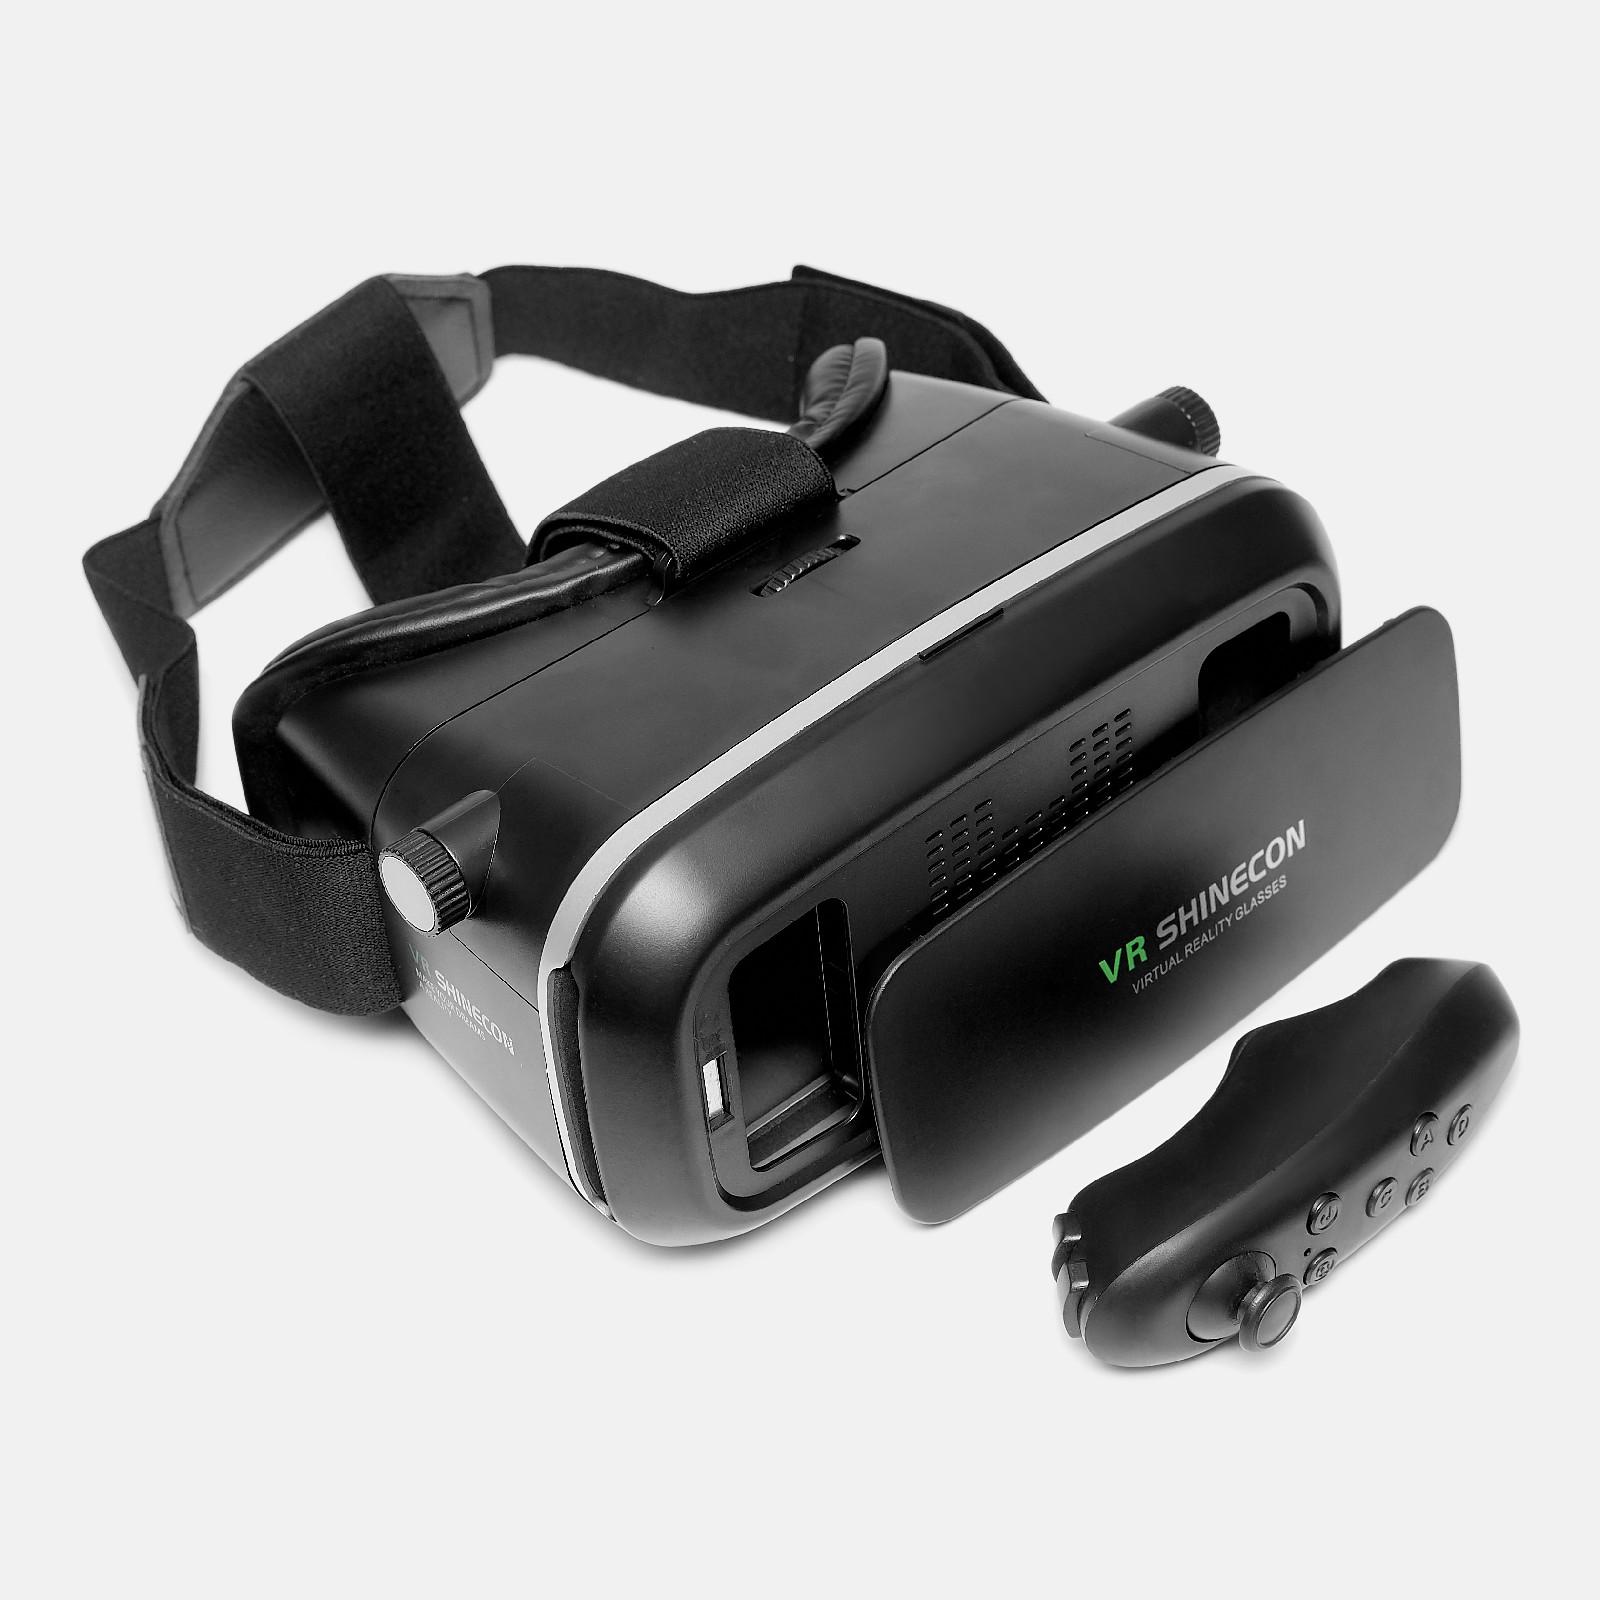 Очки виртуальной реальности VR SHINECON 1991 c пультом